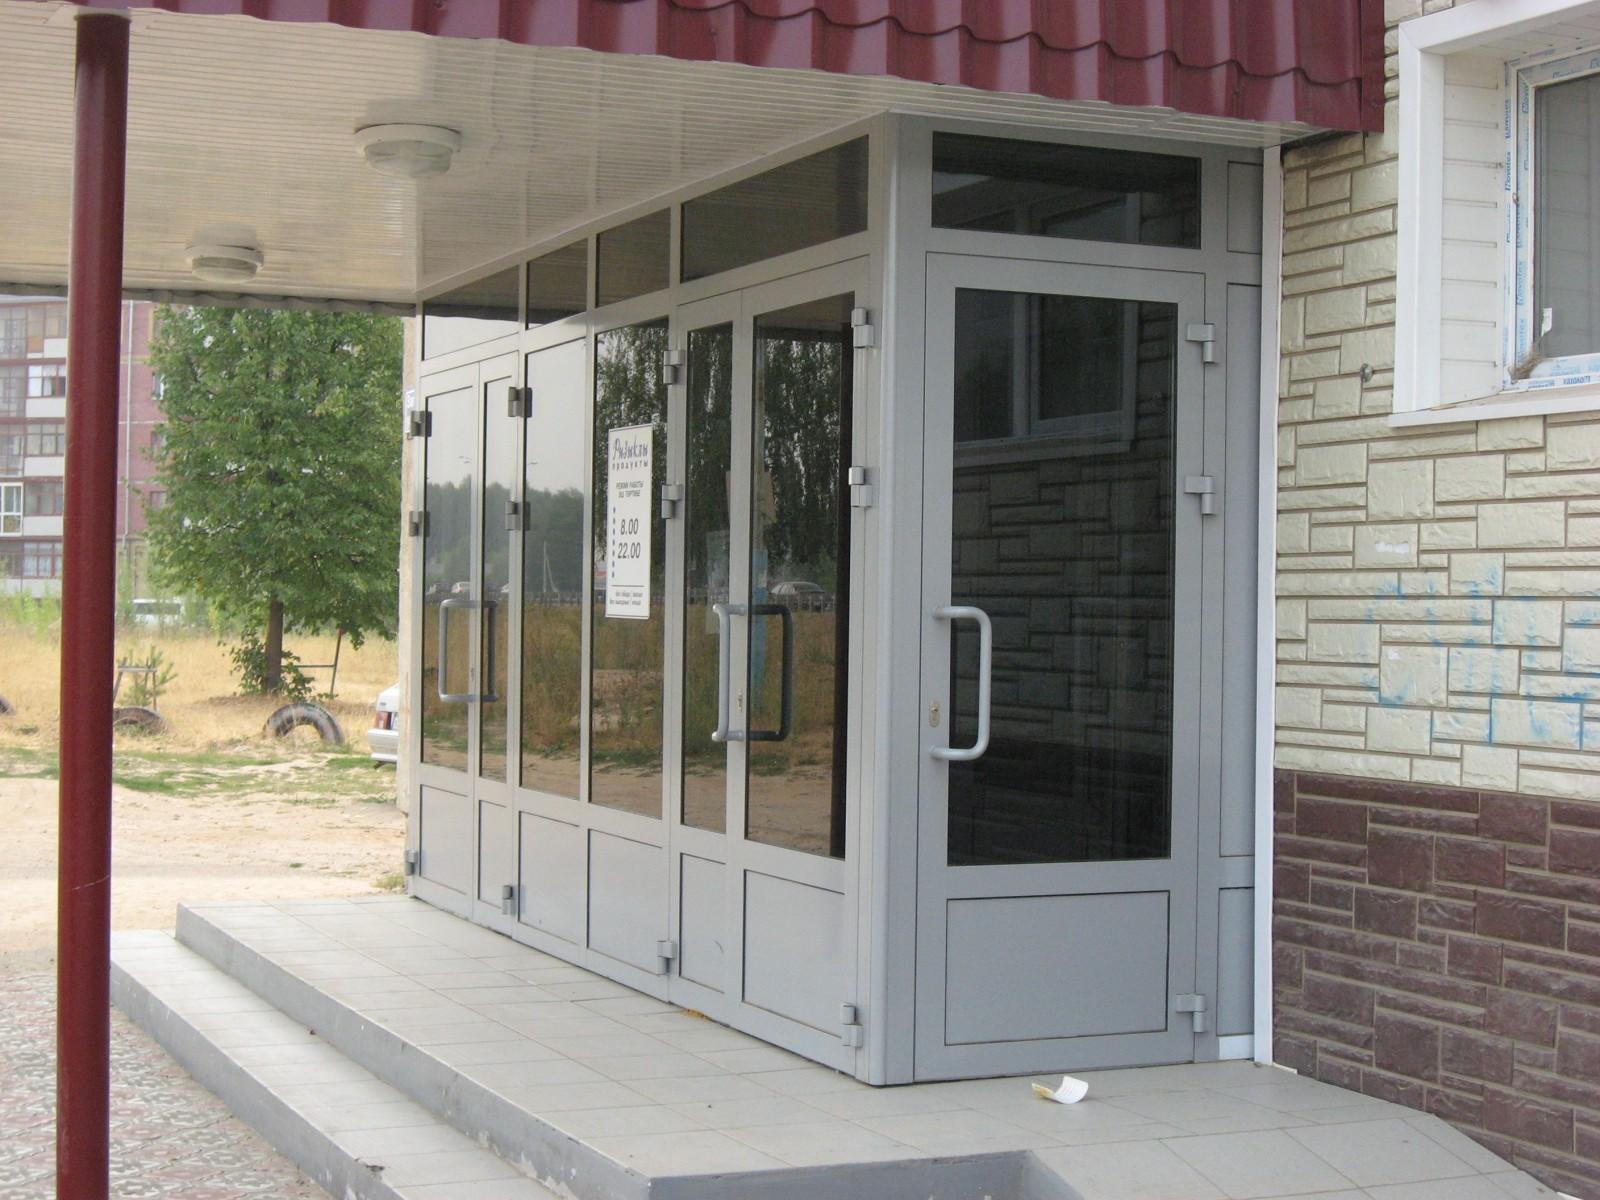 Услуги по обслуживанию автоматических дверей